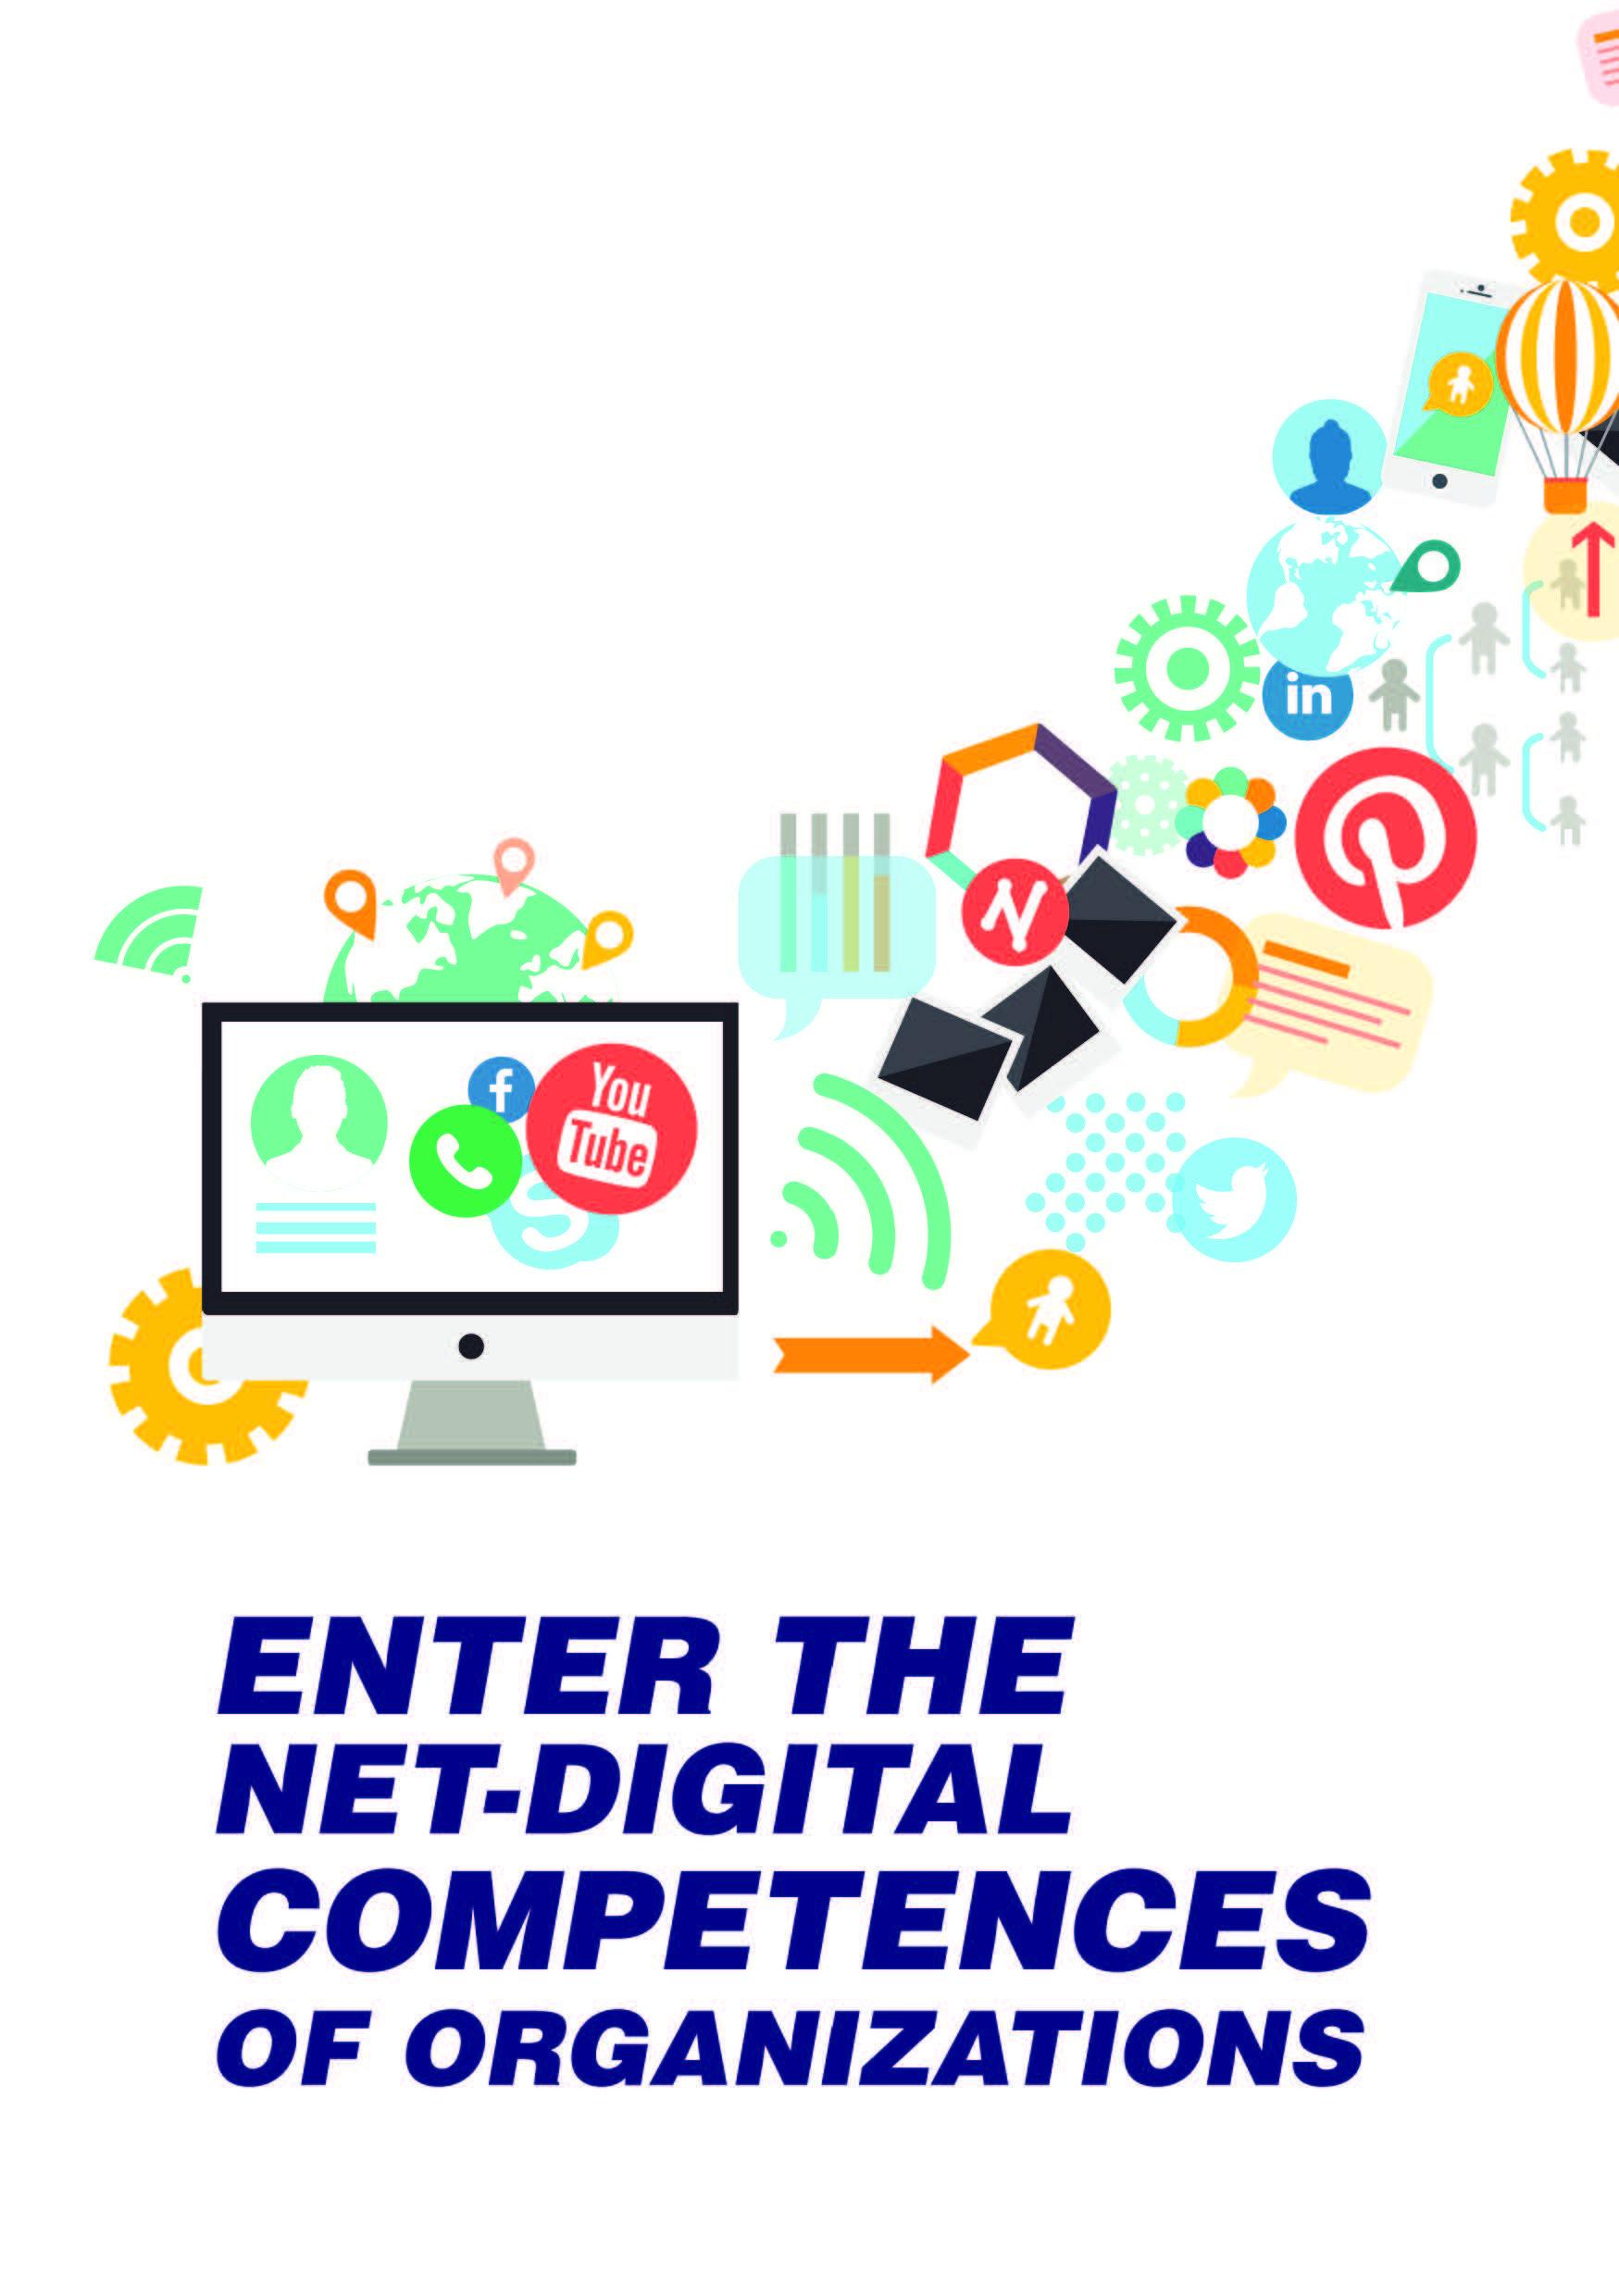 Enter the NET – Digital competences publication